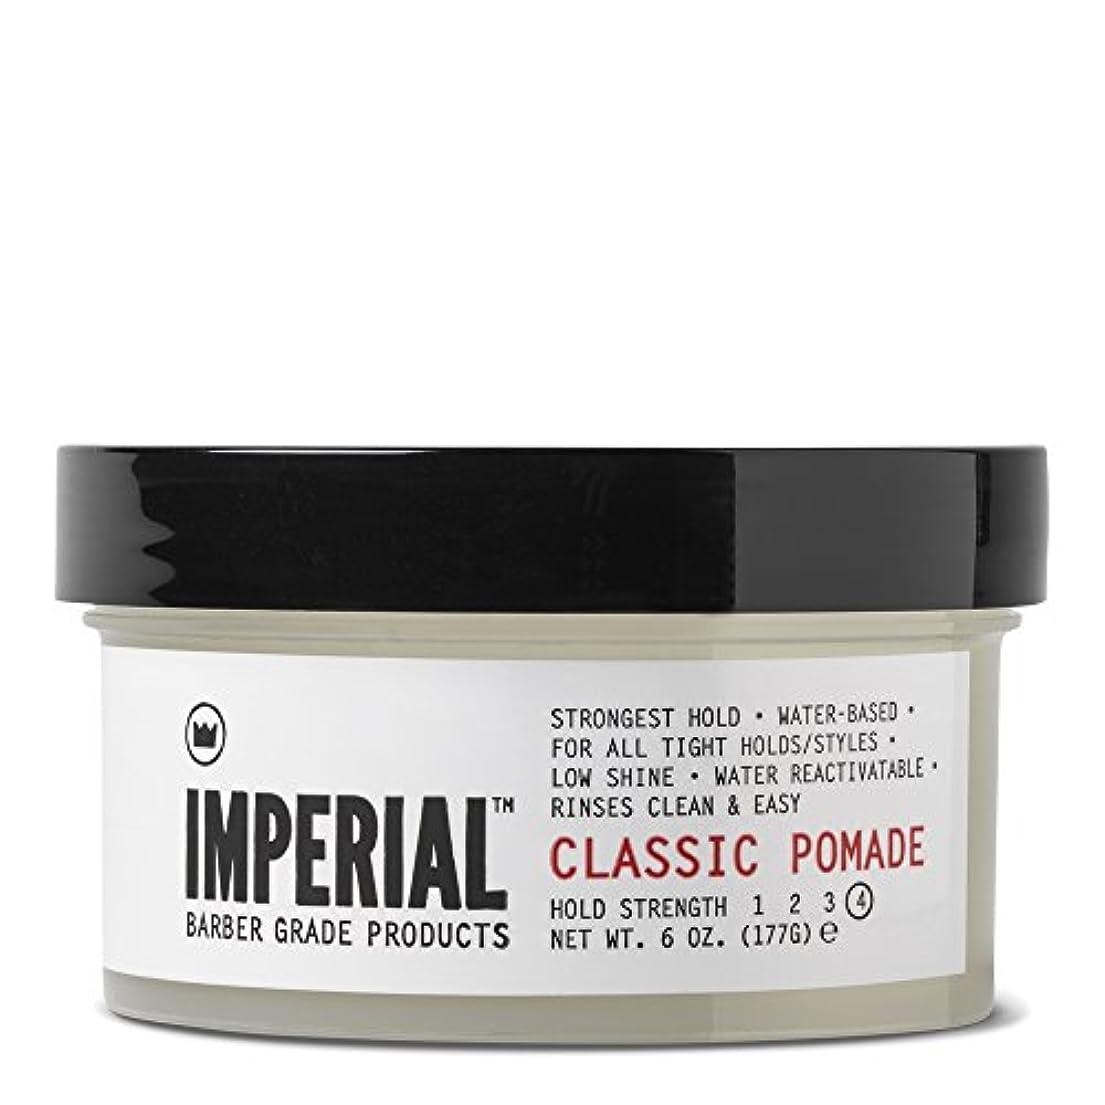 Imperial Barber グレード製品クラシックポマード、6オズ。 72.0オンス